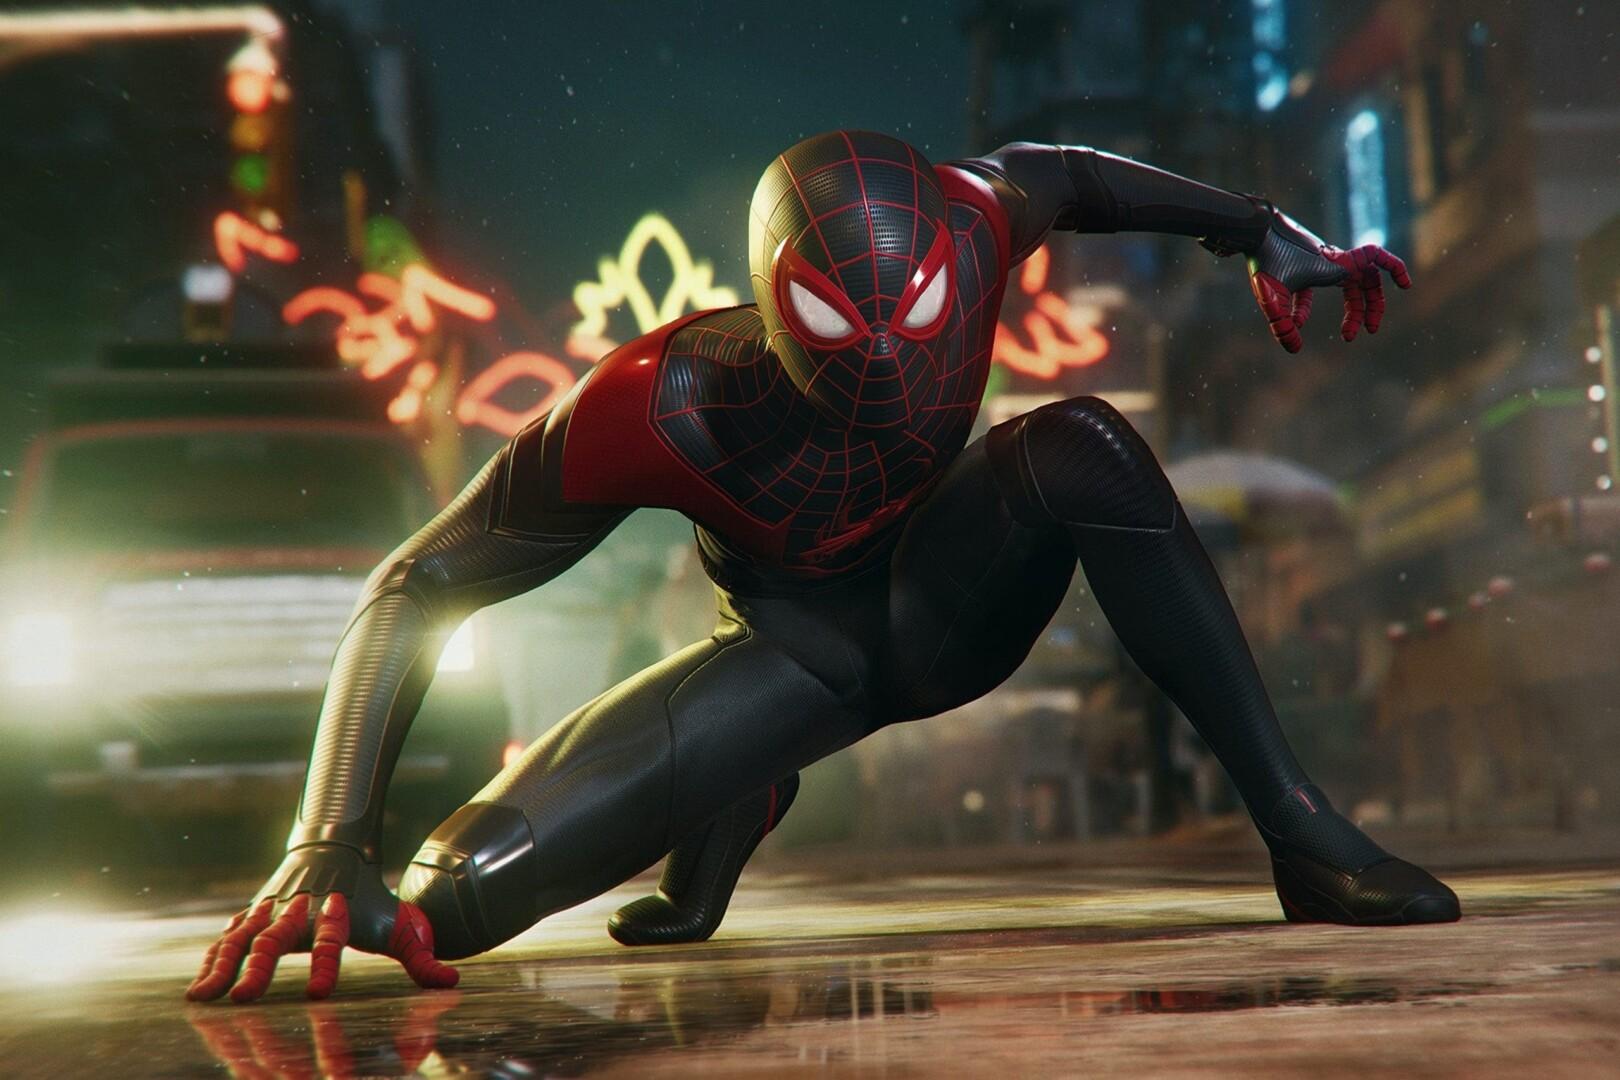 Spider-Man: Miles Morales contará con un traje desbloqueable de Into the Spider-Verse